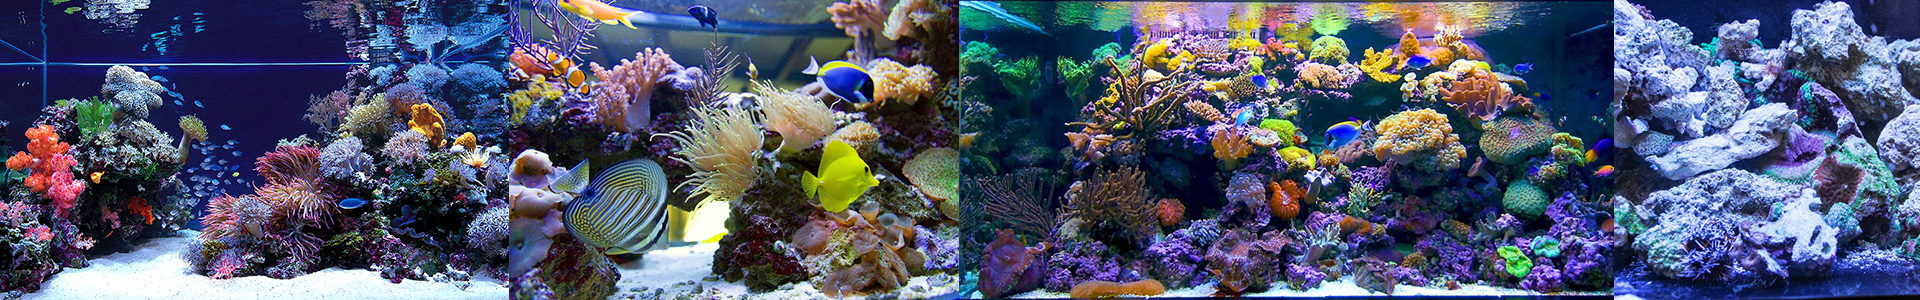 Настоящий рифовый аквариум